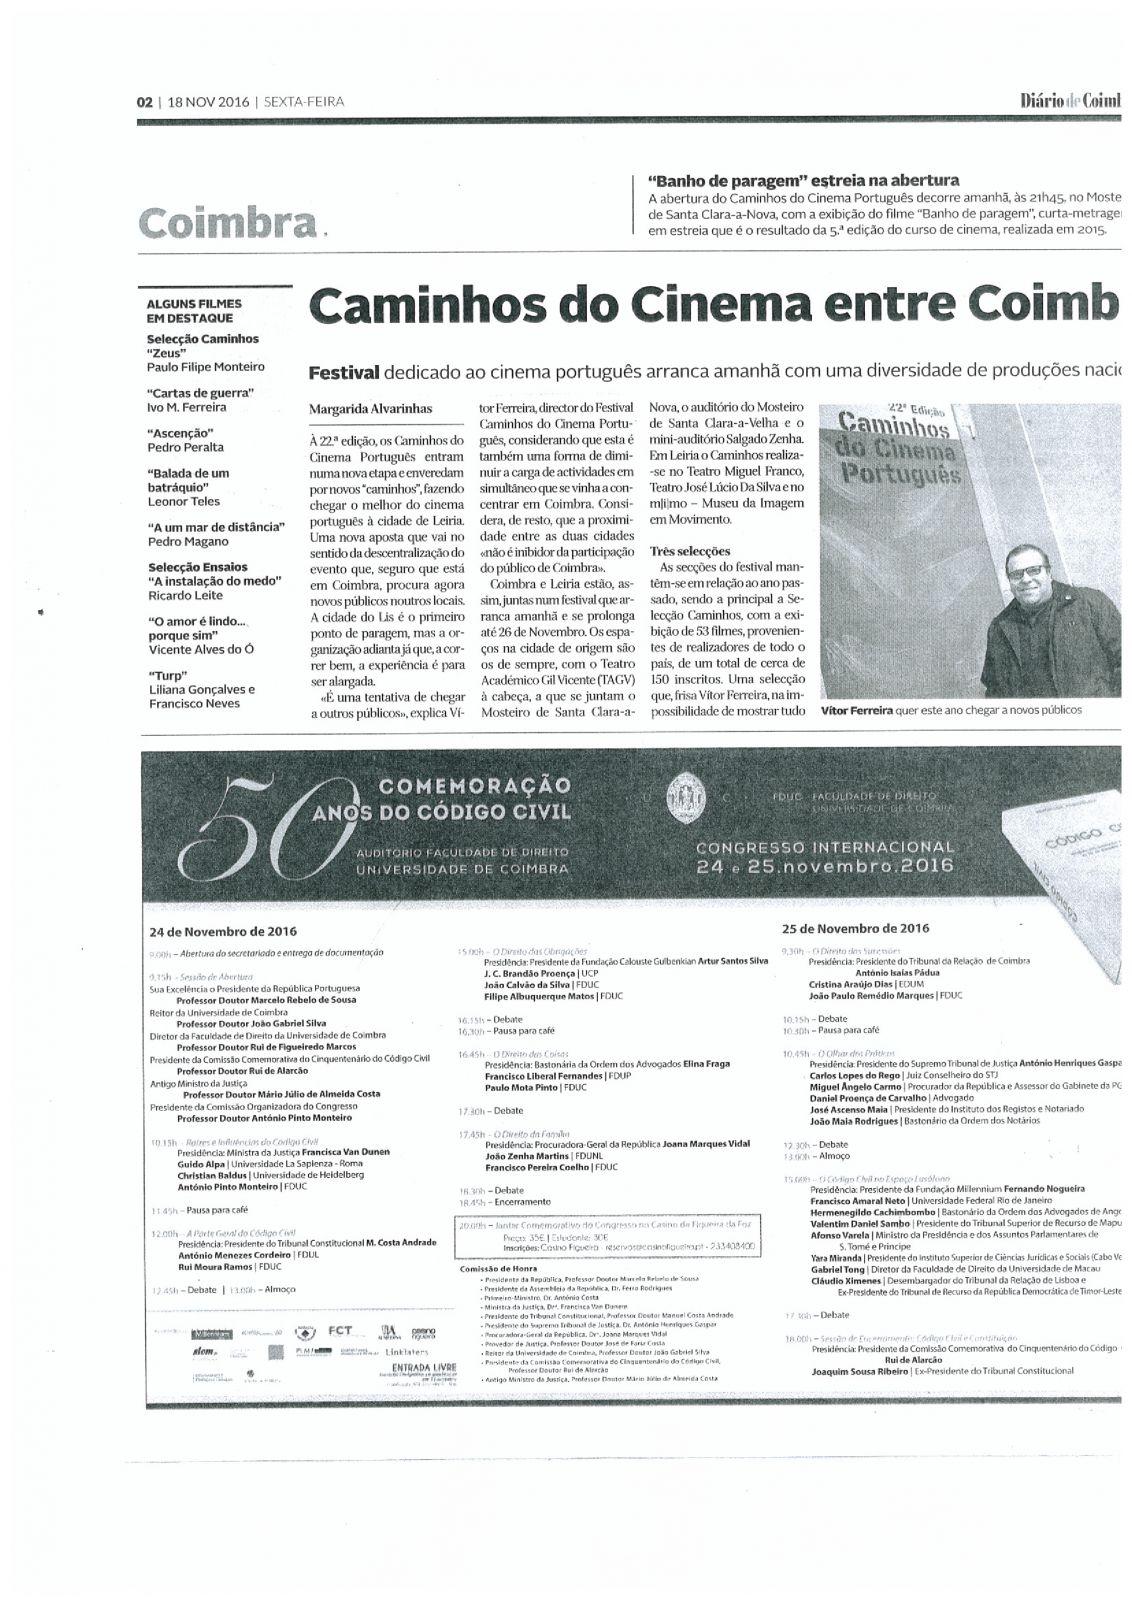 18 - Novembro 2016_Diário_de_Coimbra (part1)